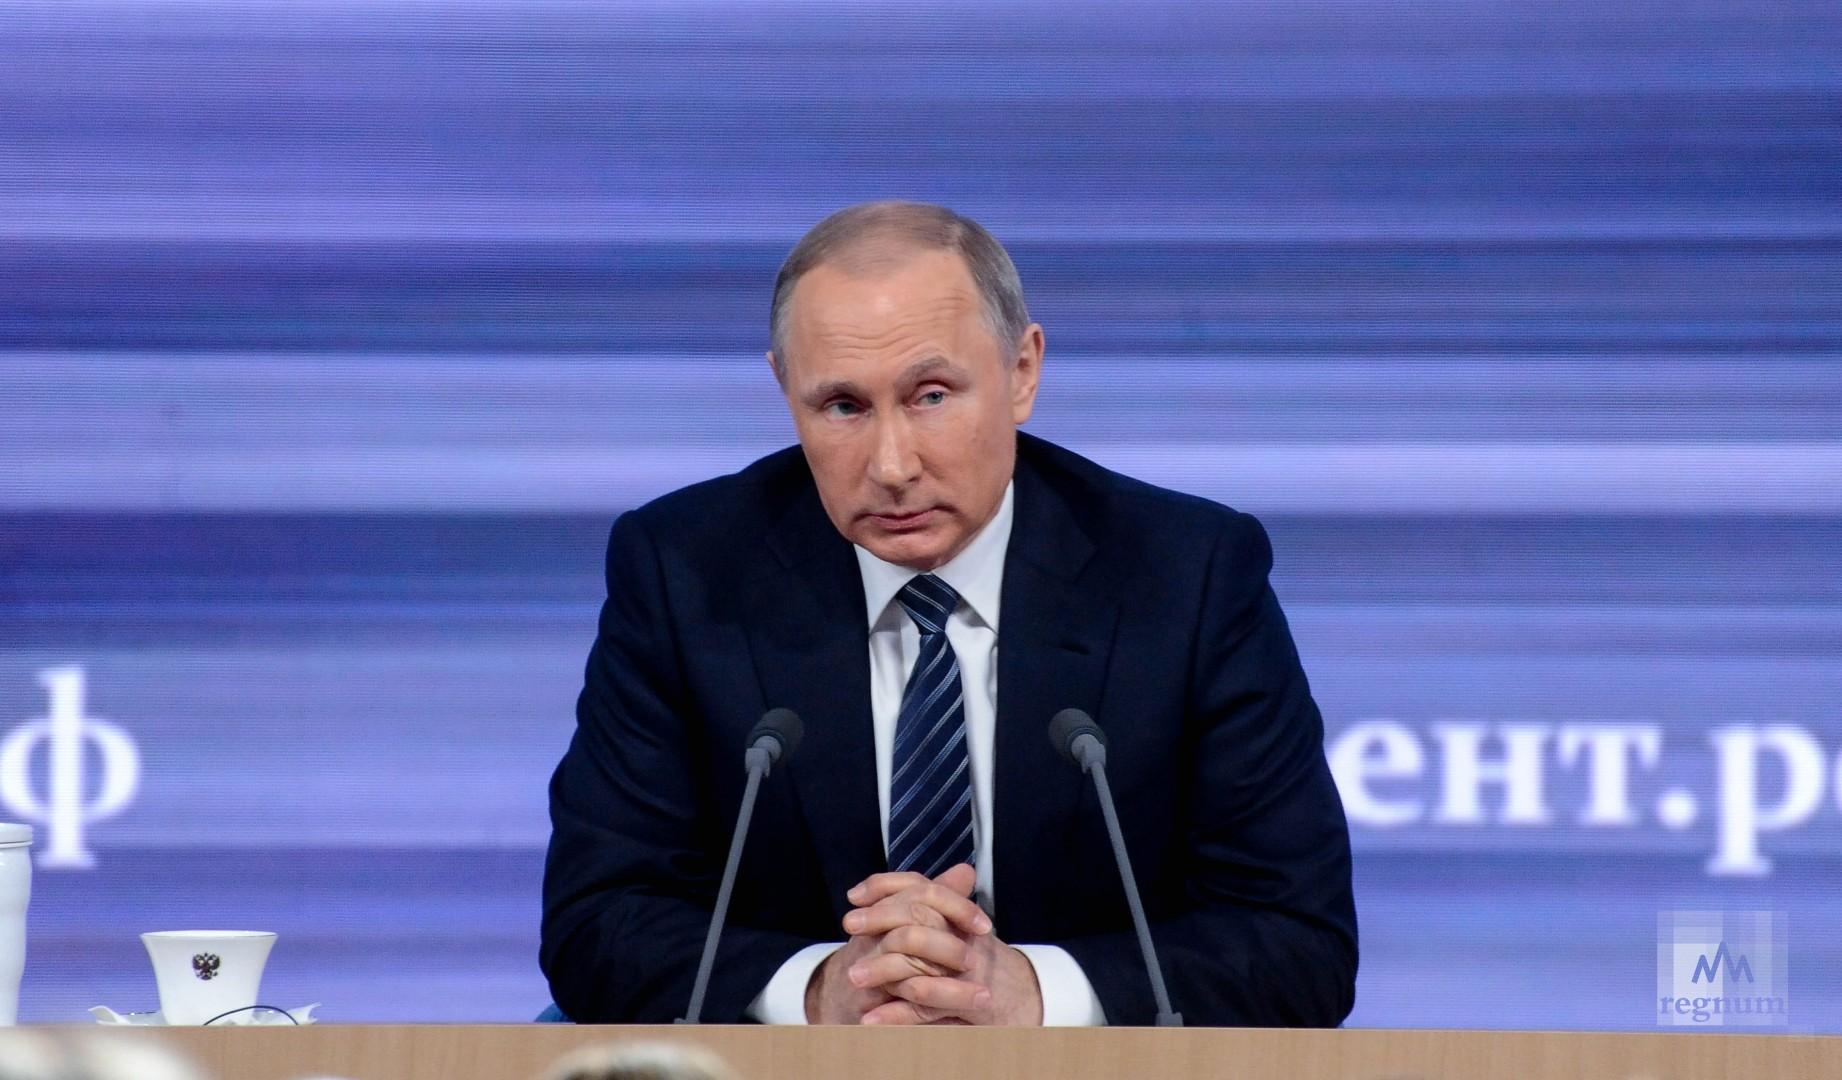 """""""Предатели должны быть наказаны"""", - Путин сделал скандальное заявление перед встречей с Трампом"""